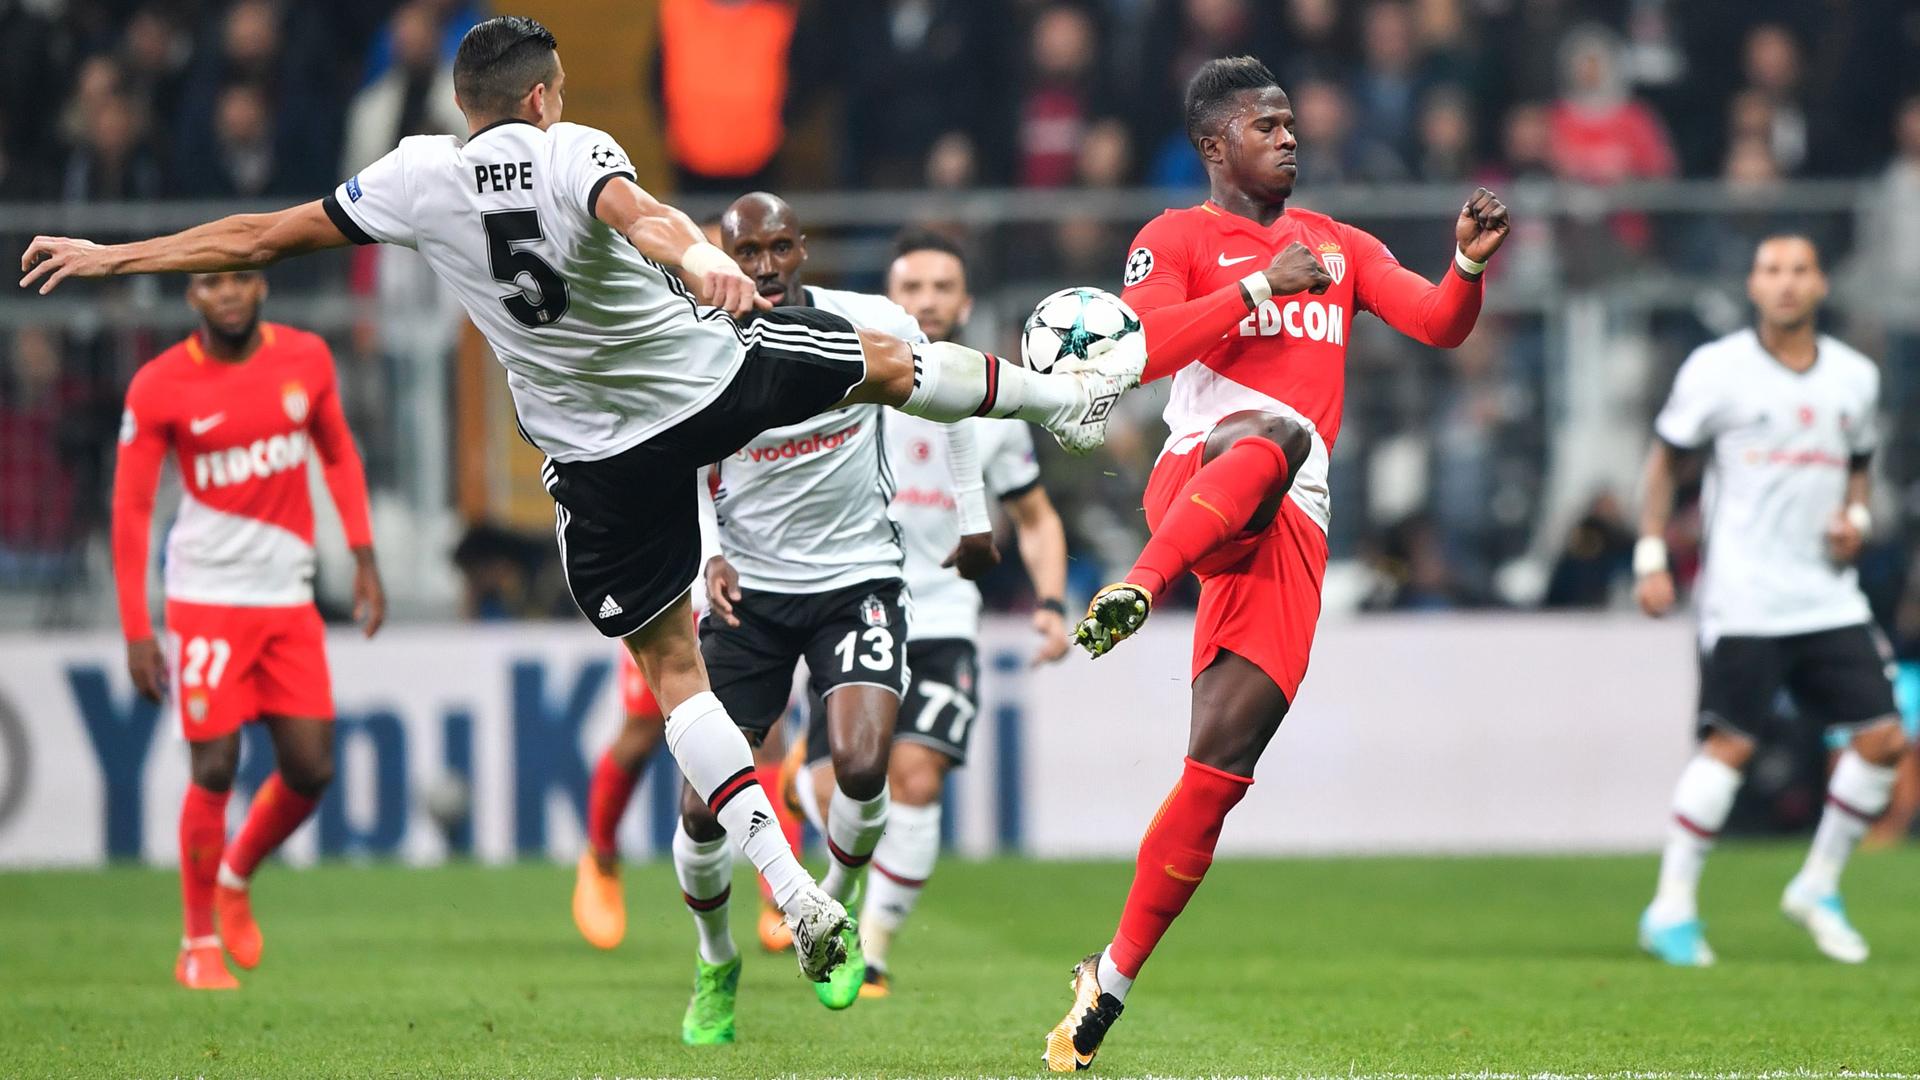 Besiktas Monaco Pepe Keita Balde Champions League 01112017